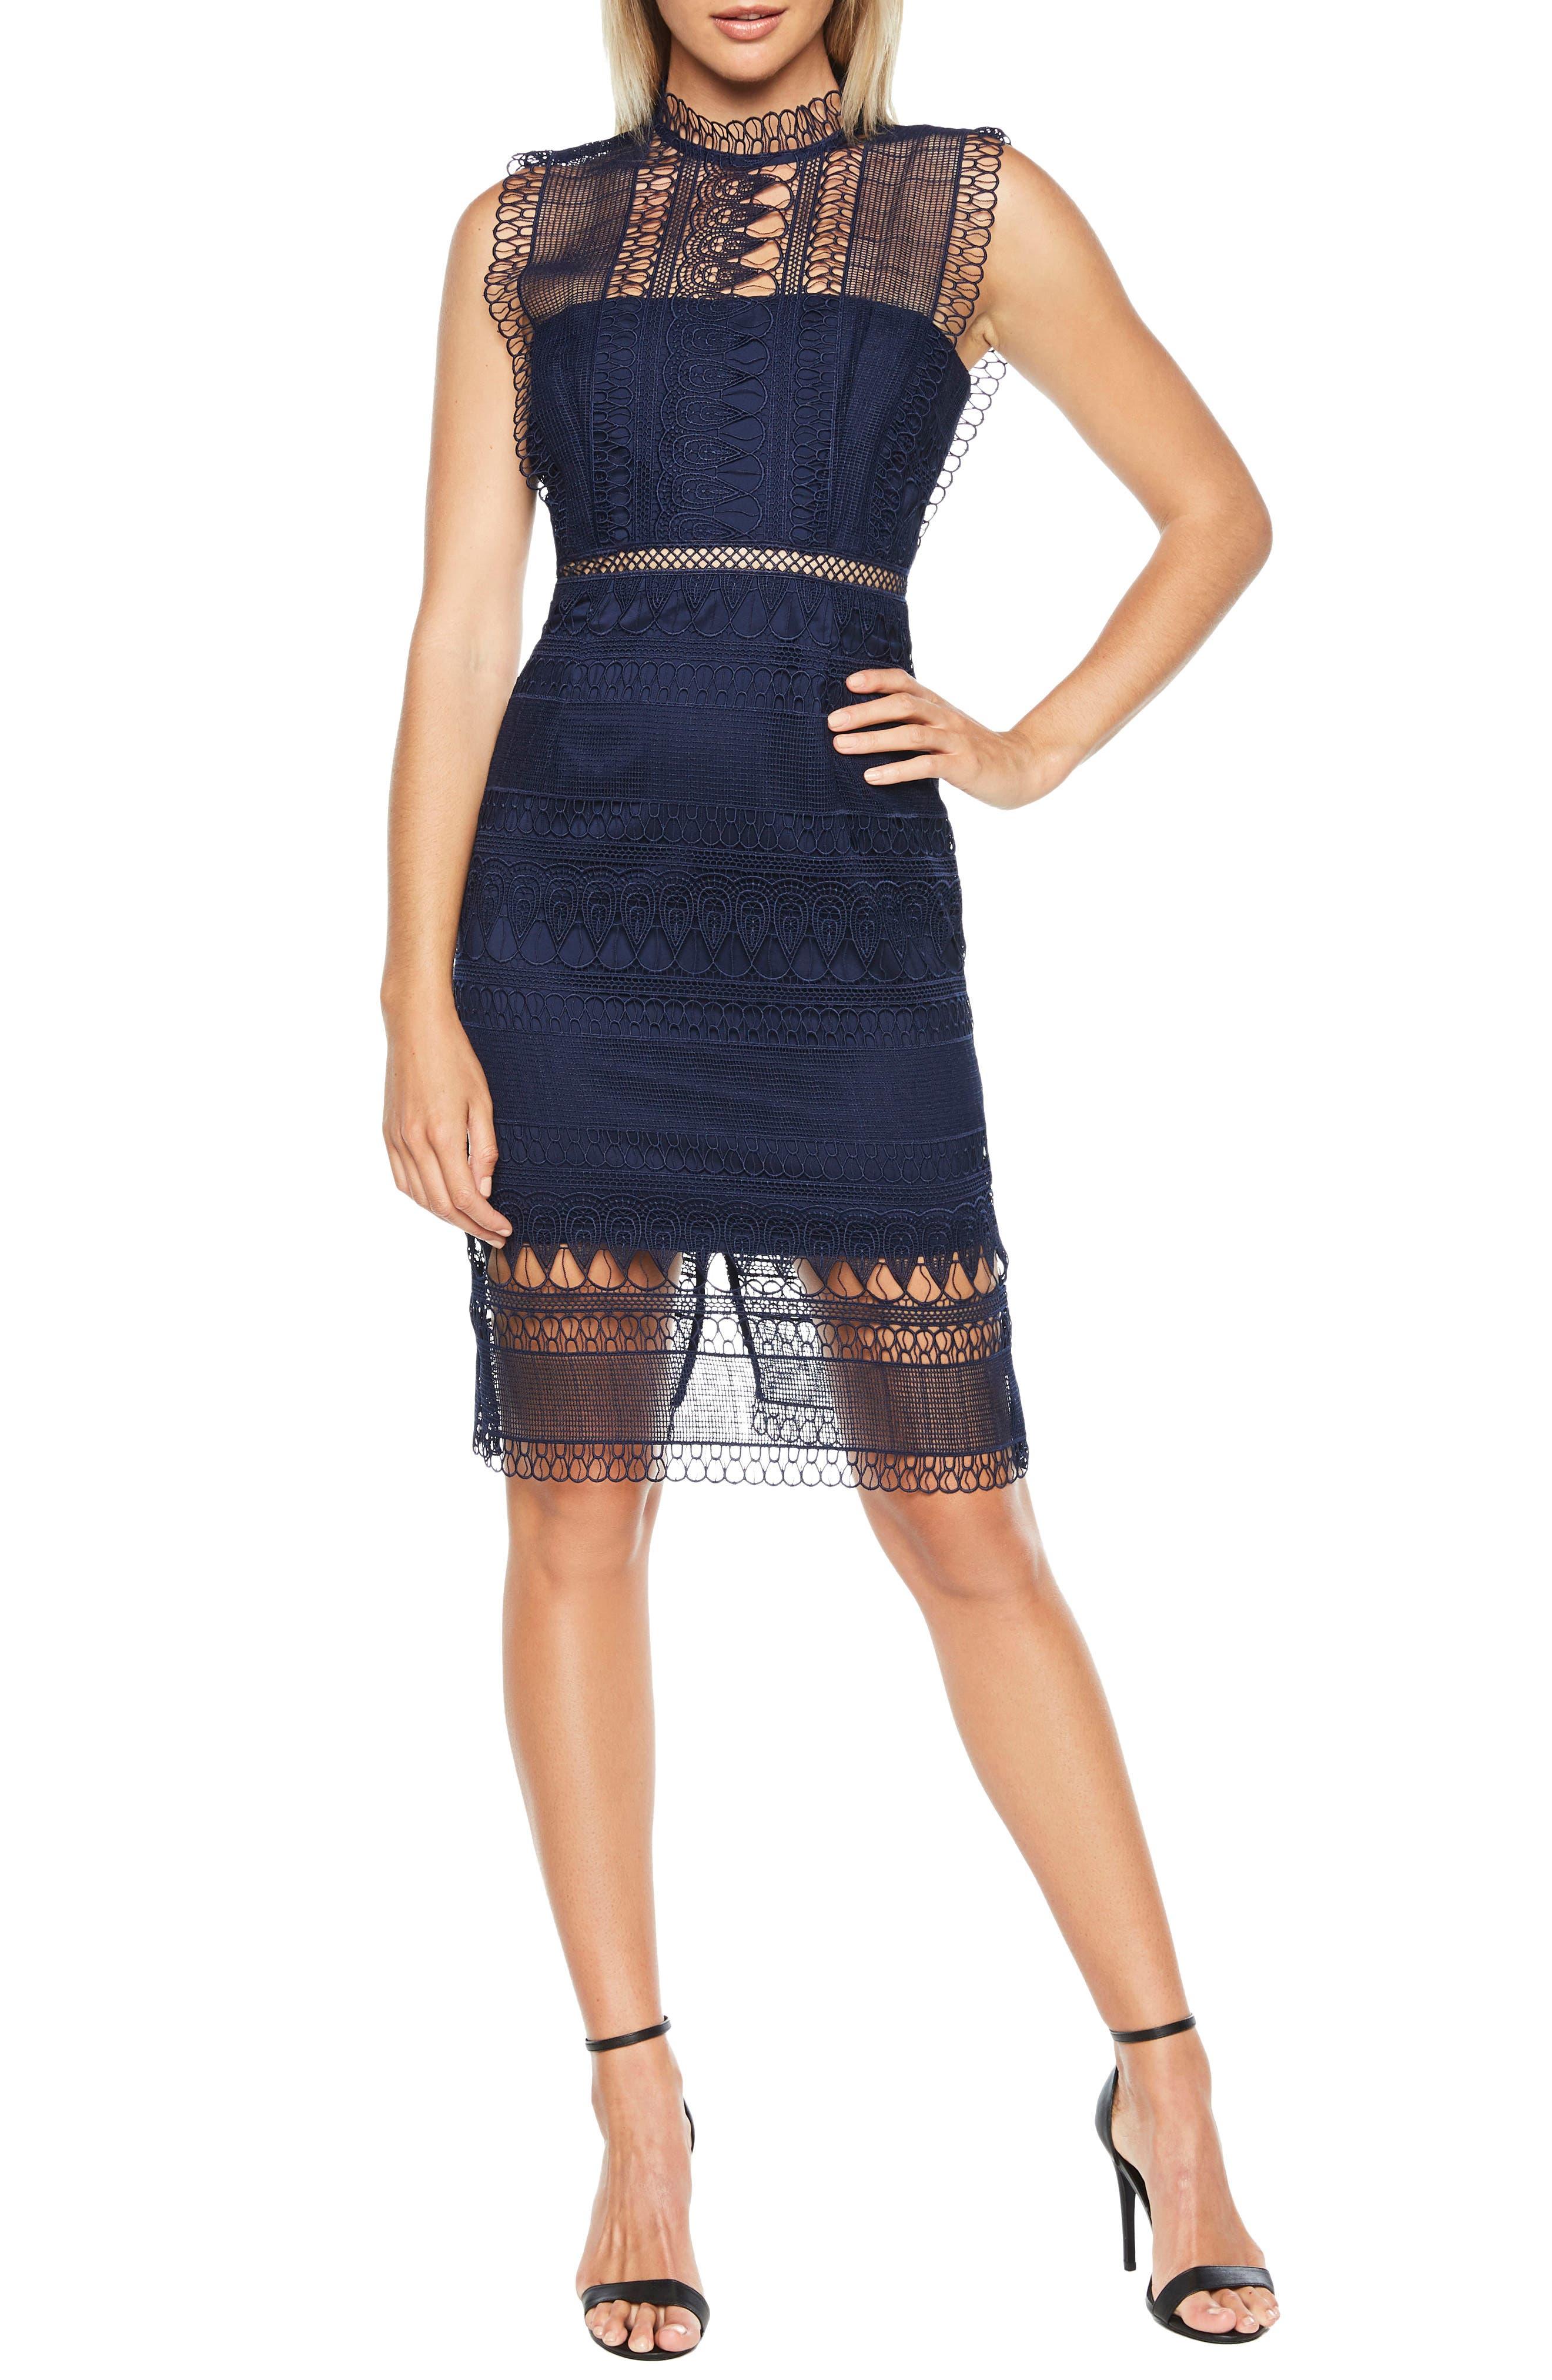 Mariana Sleeveless Lace Body-Con Dress in Patriot Blue